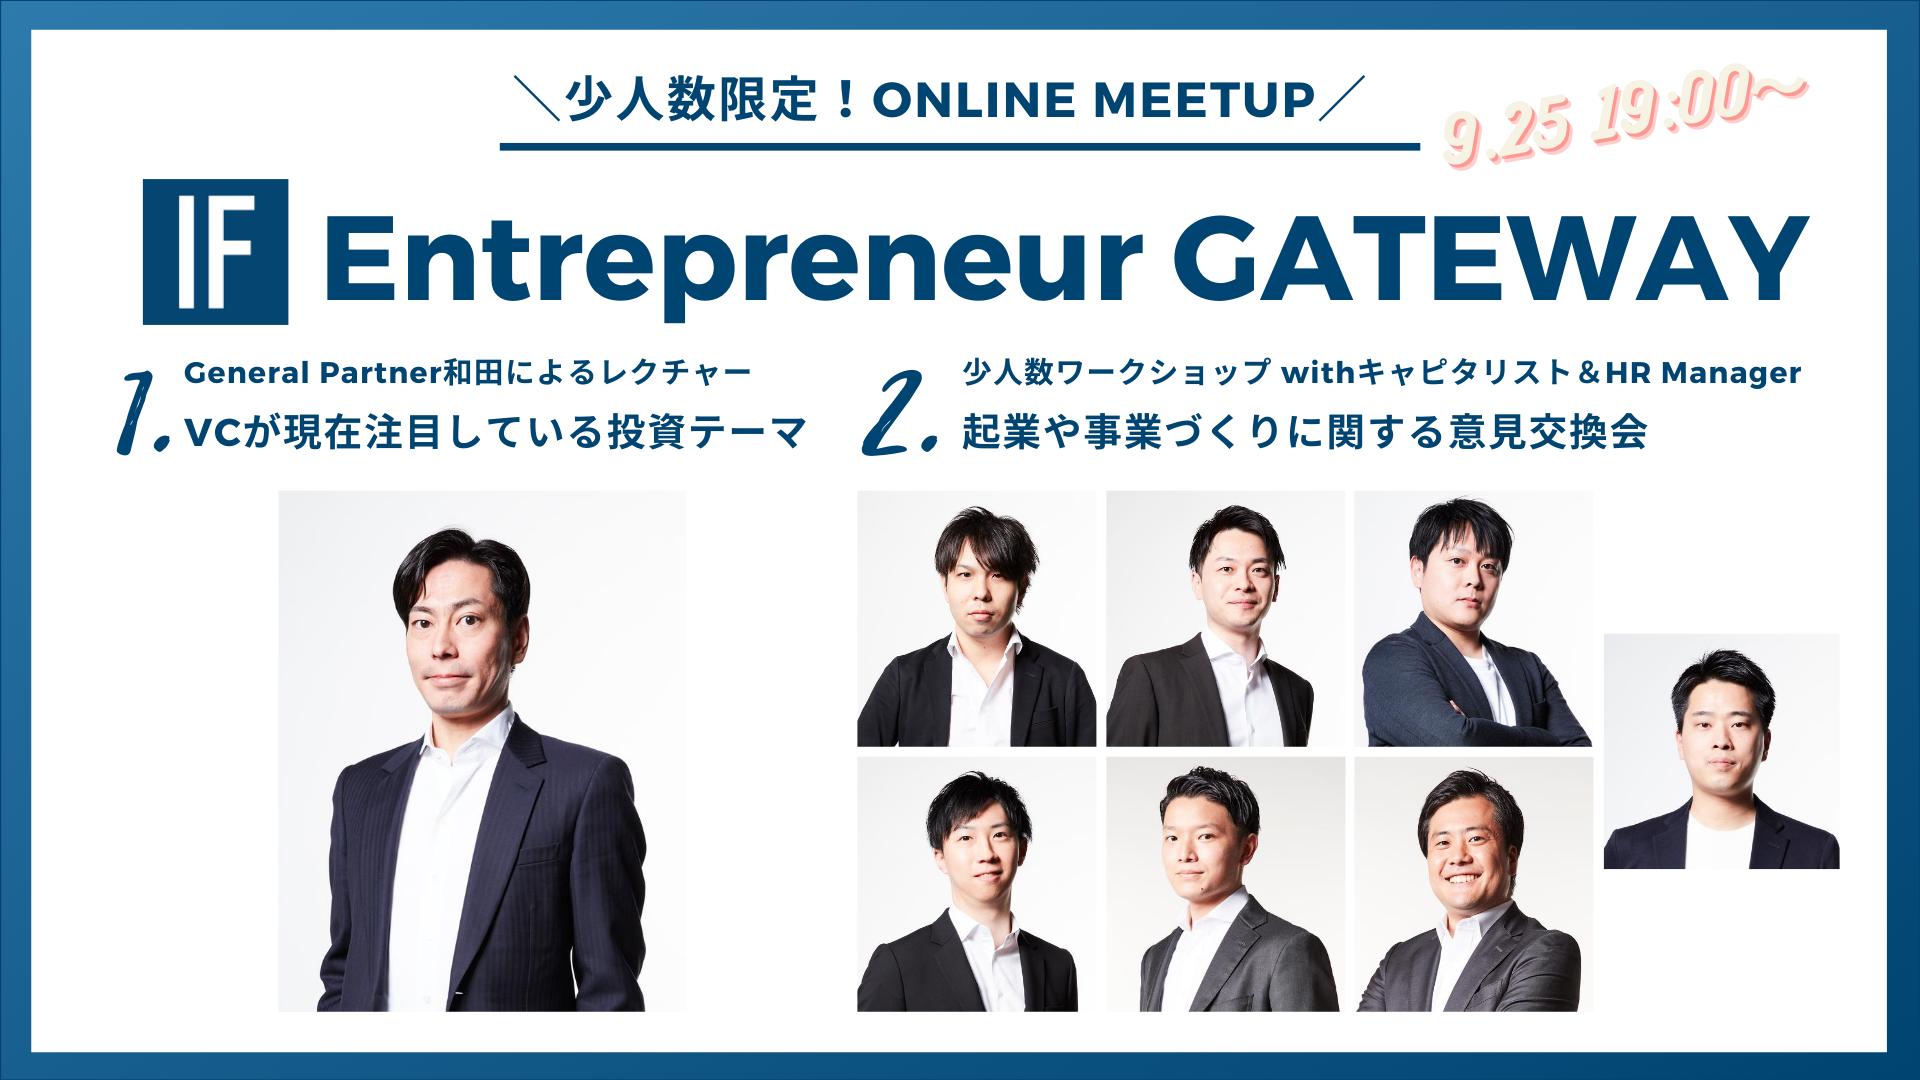 Entrepreneur Gateway